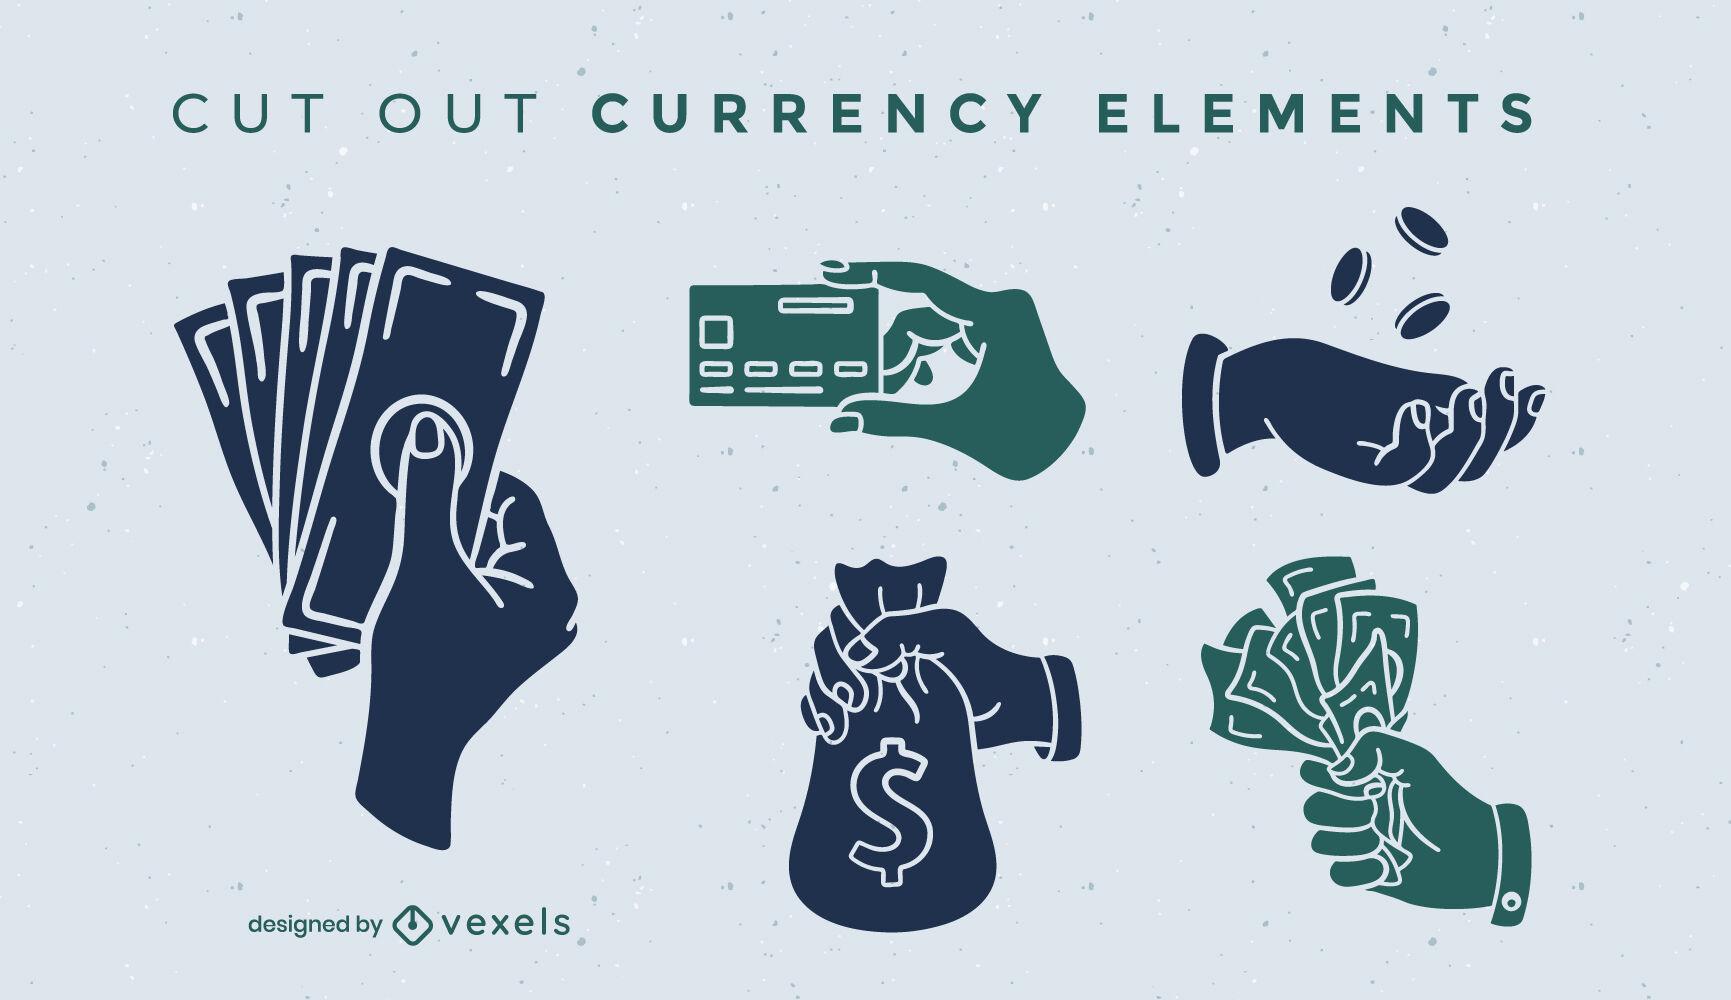 Münzen und Banknoten zum Ausschneiden der Währung